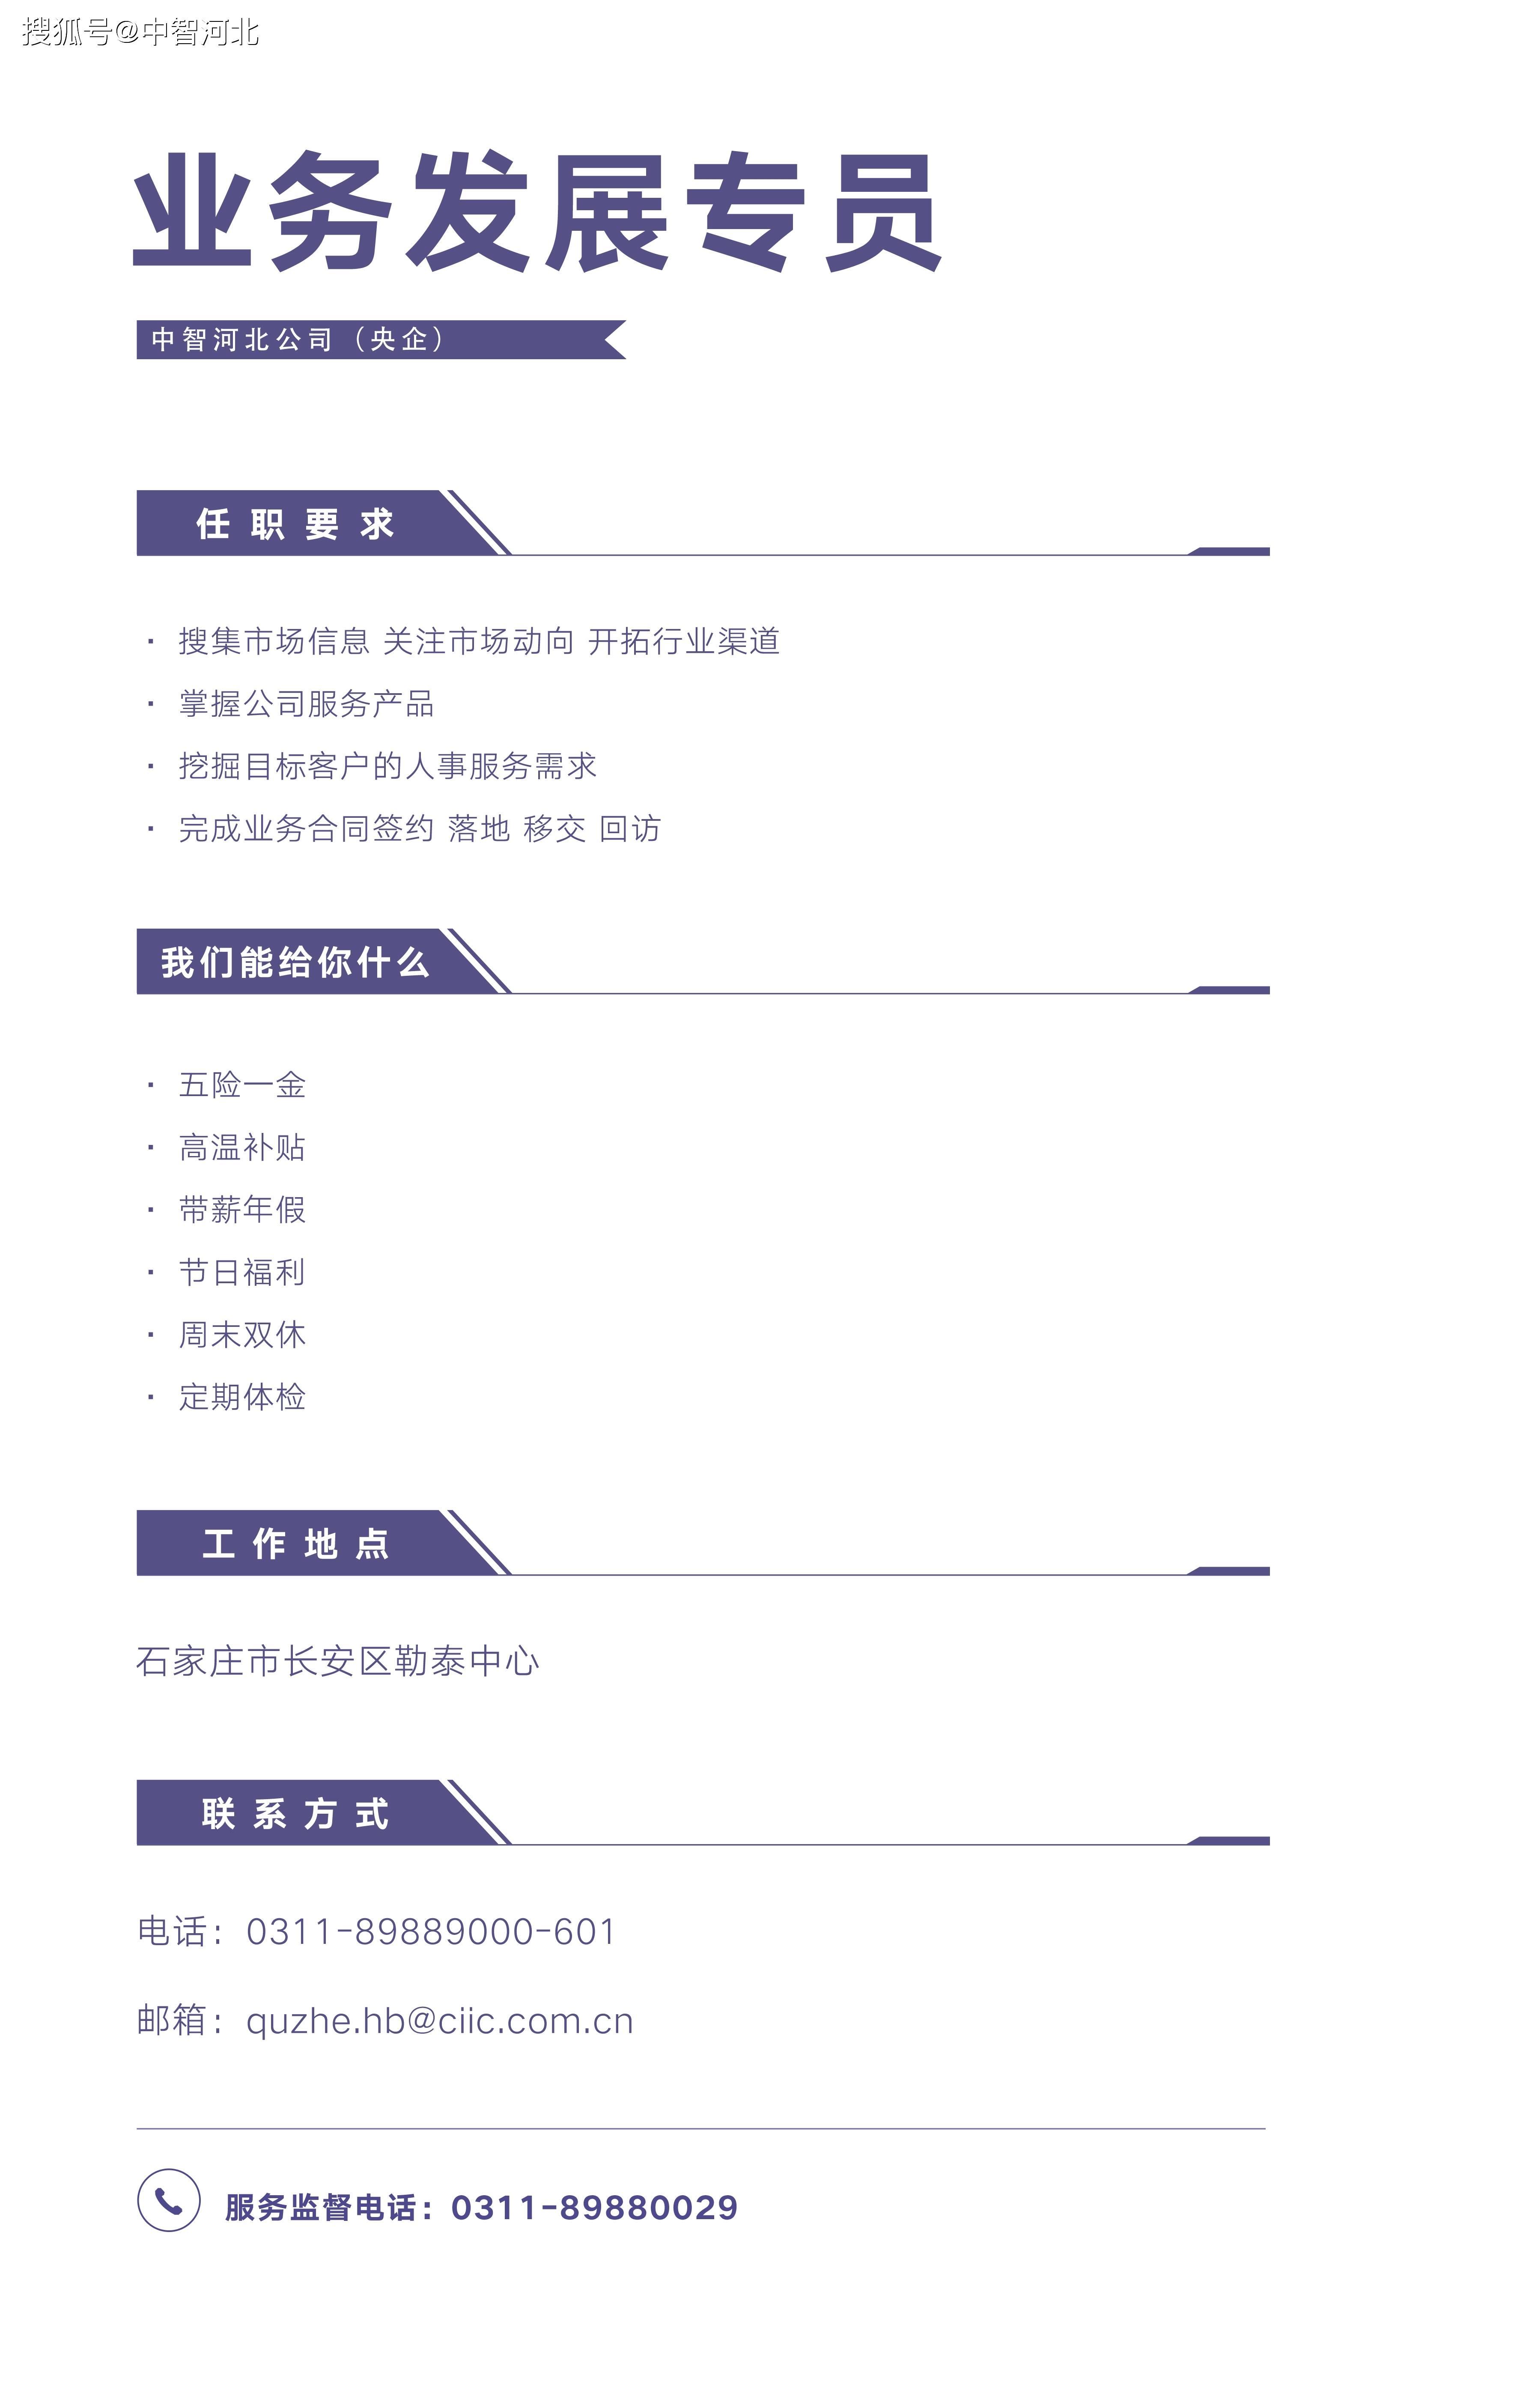 中智河北公司公开招聘,欢迎加入!!